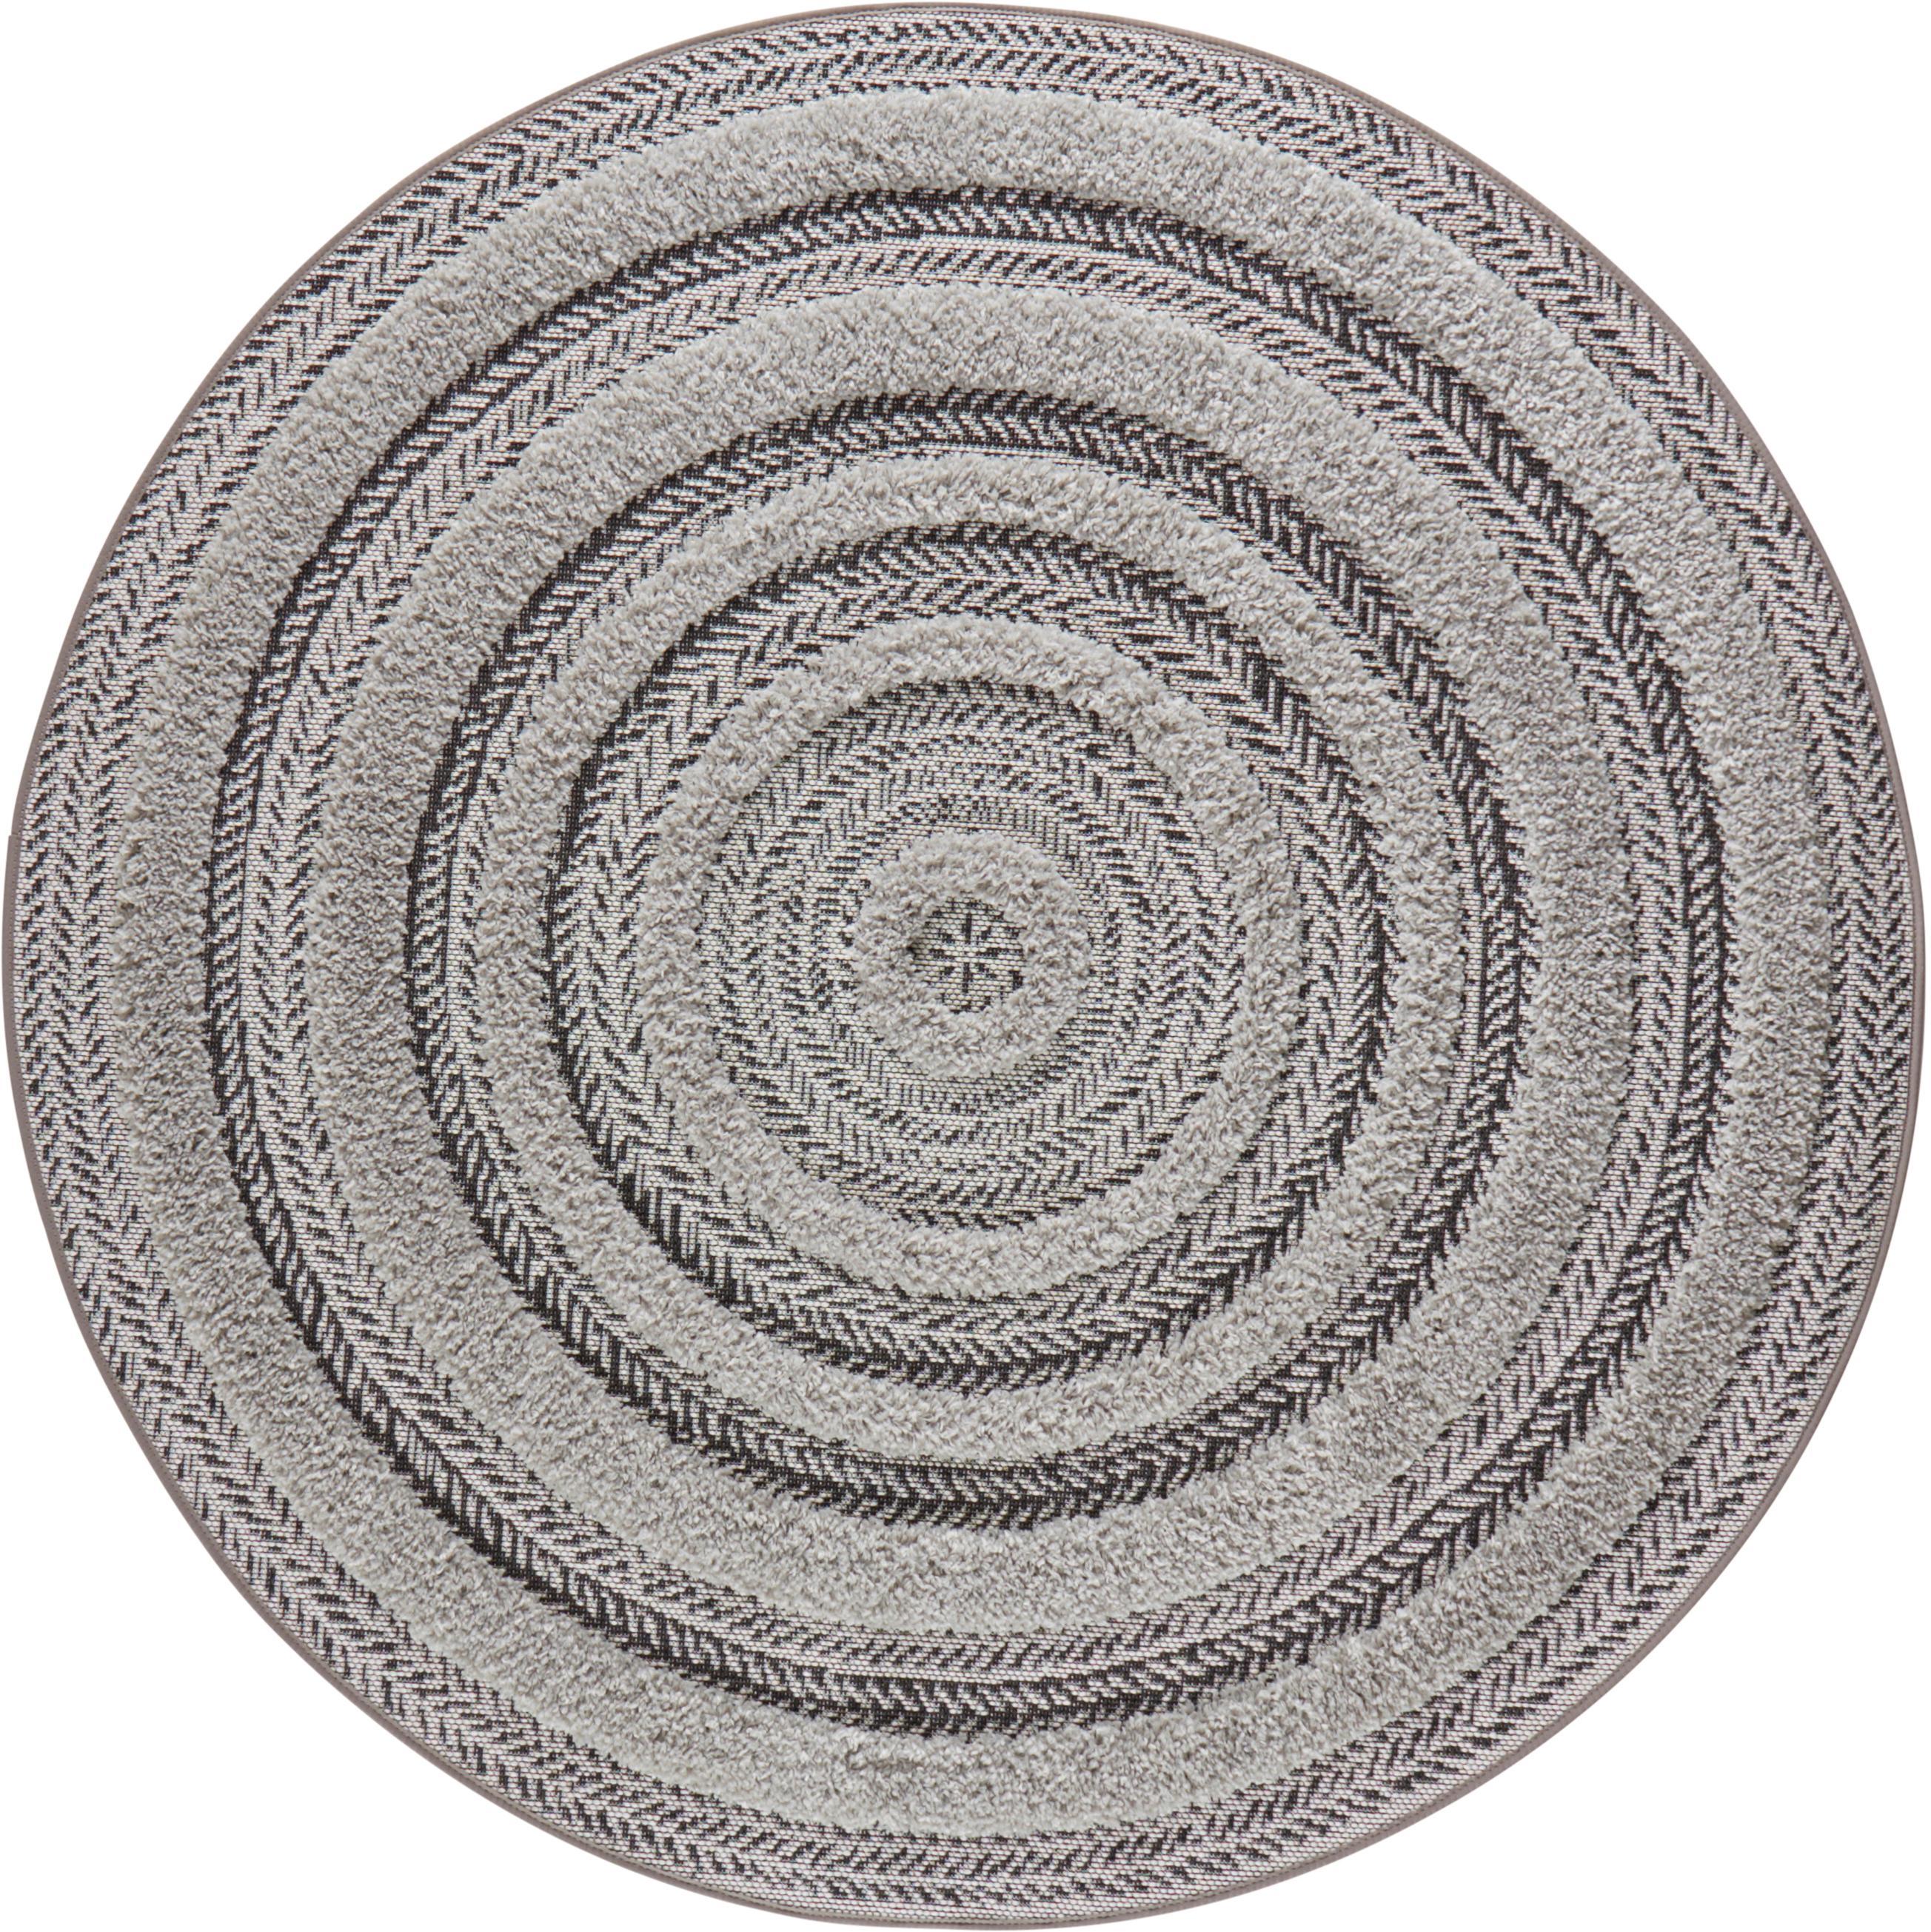 Tappeto rotondo con motivo a rilievo Nador, Antracite, grigio, Ø 160 cm (taglia L)